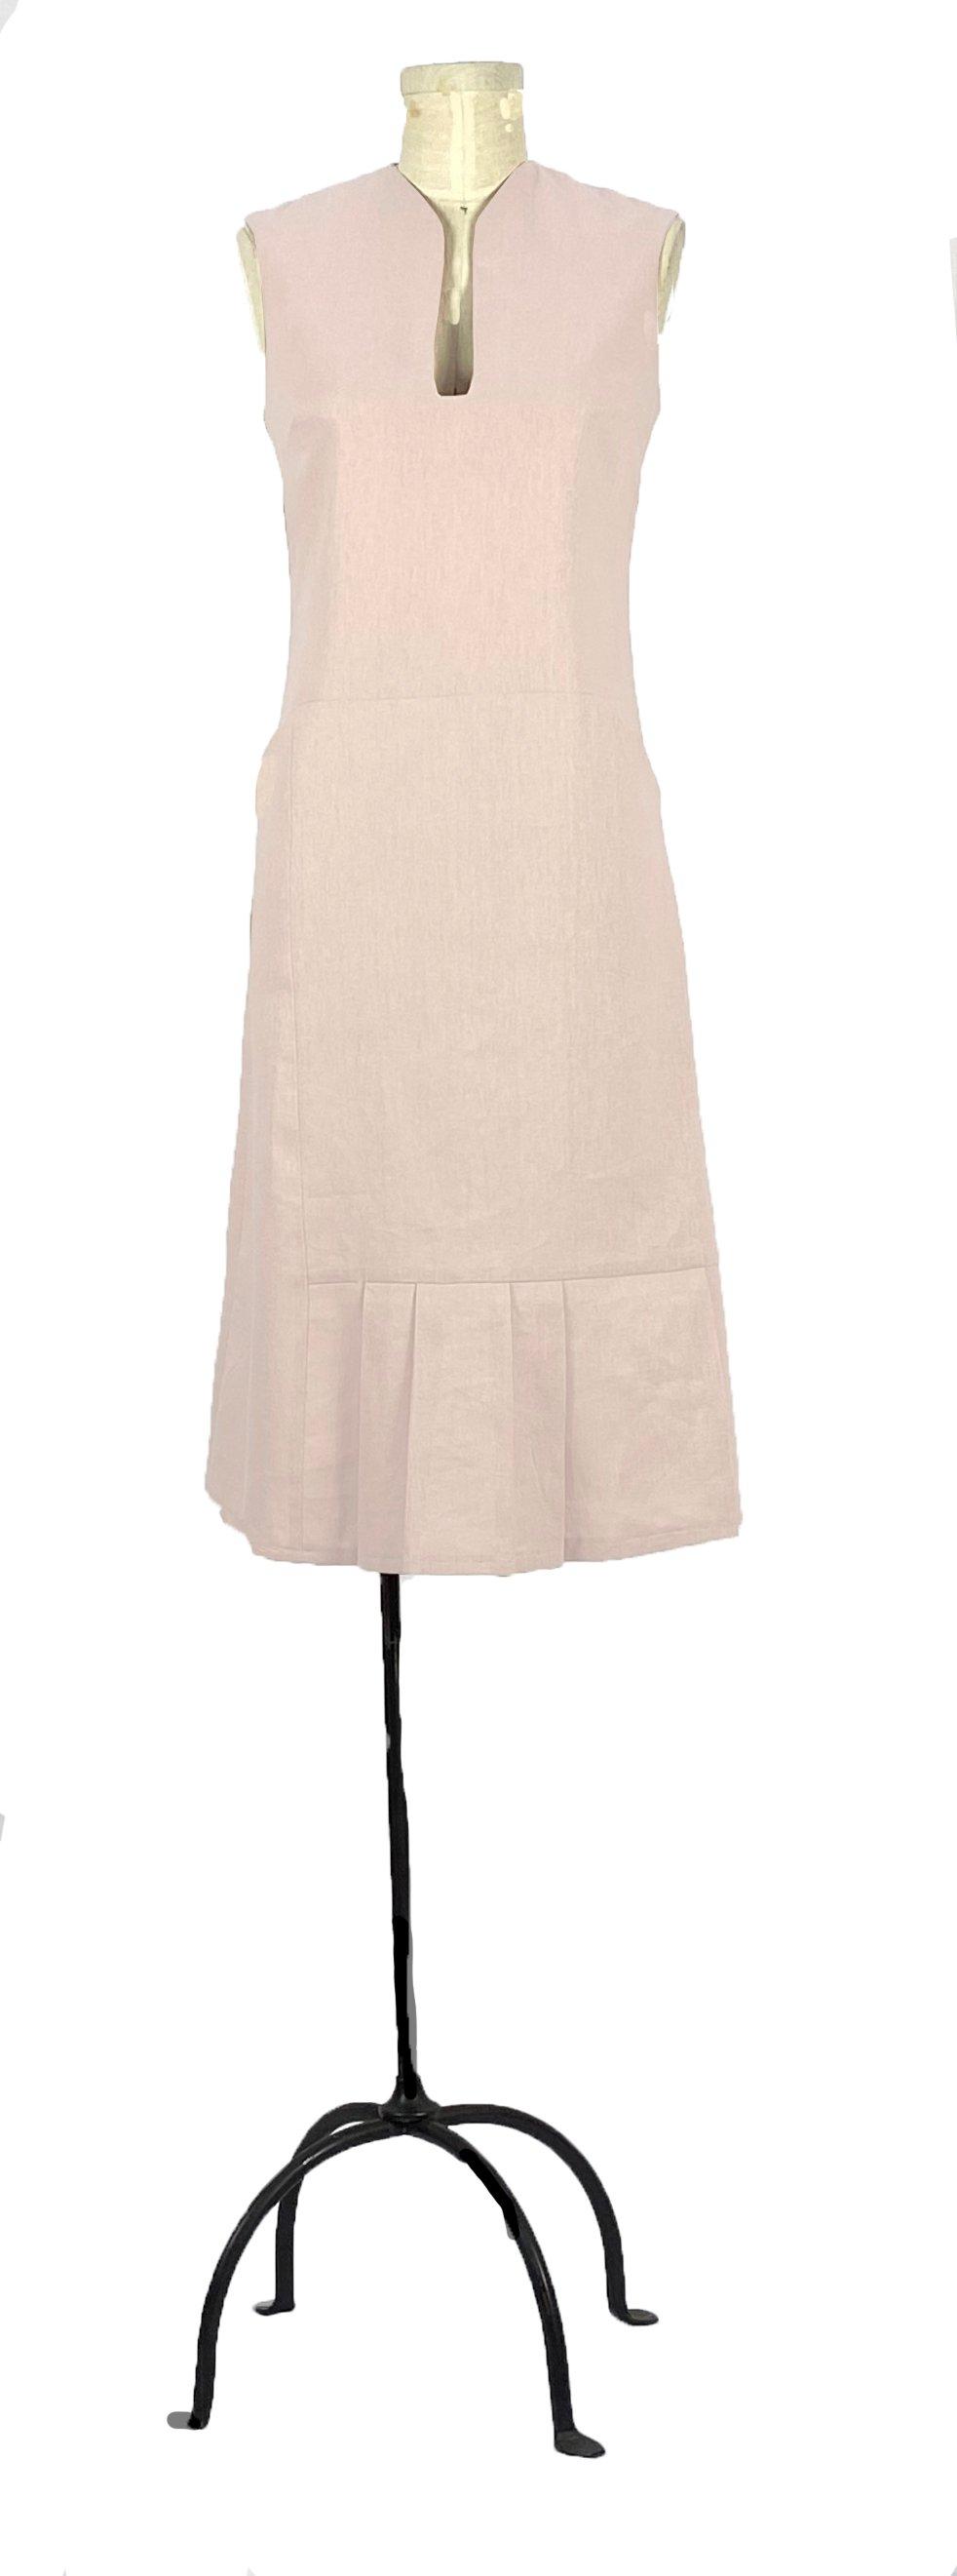 Image of harding dress blush